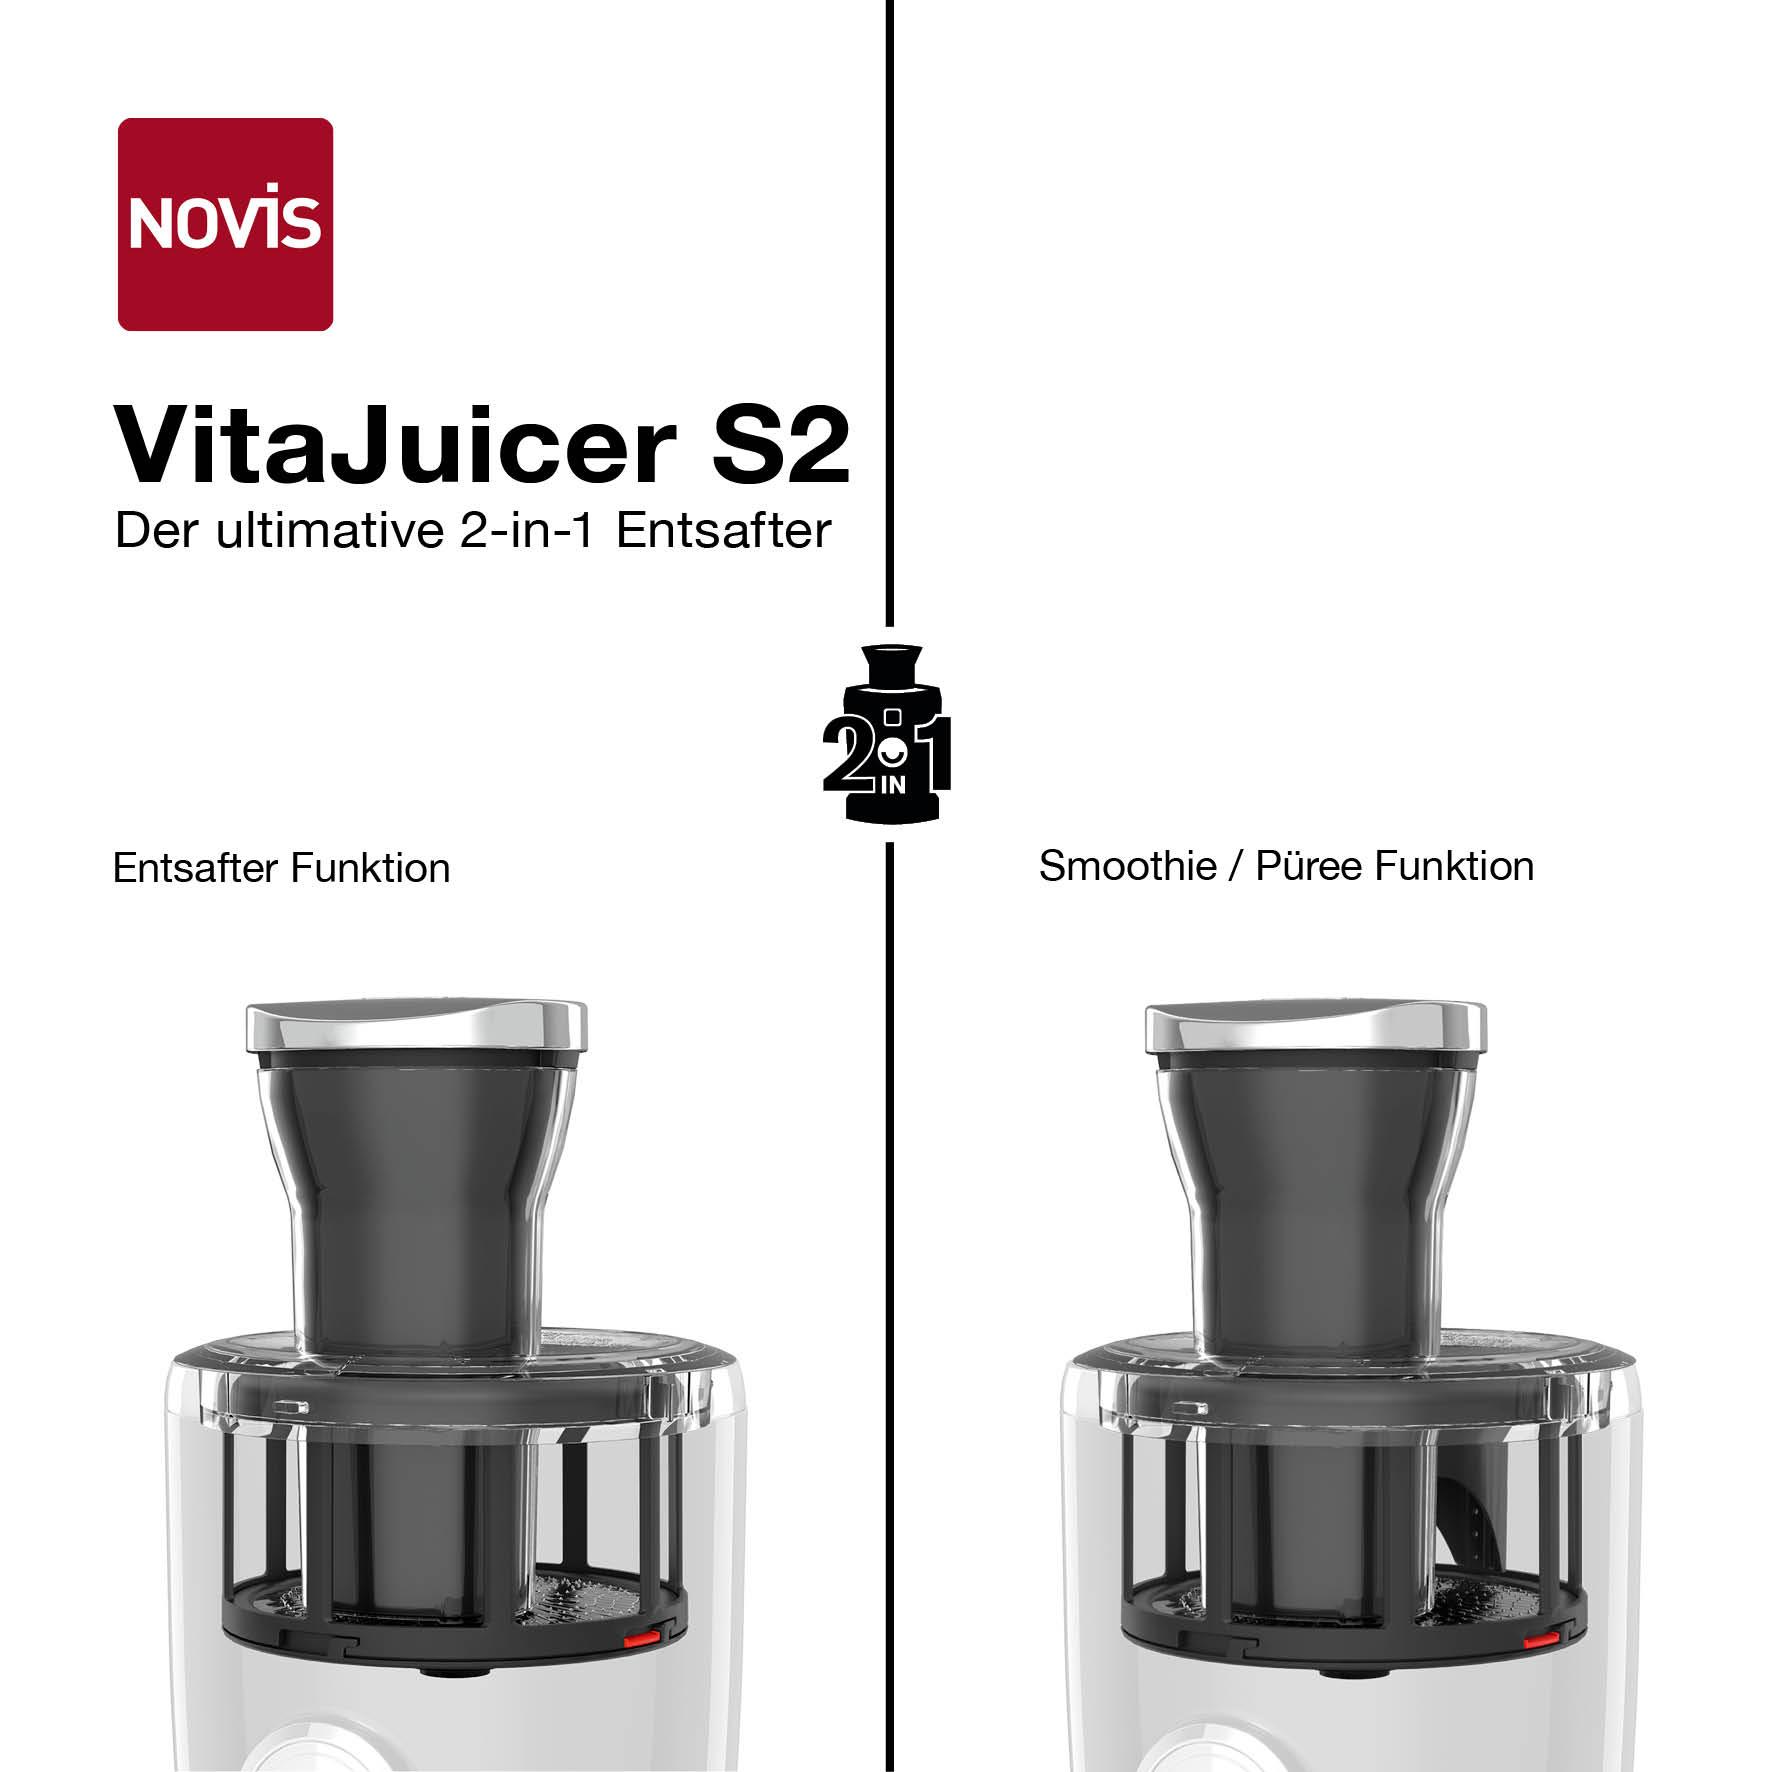 Novis VitaJuicer S2